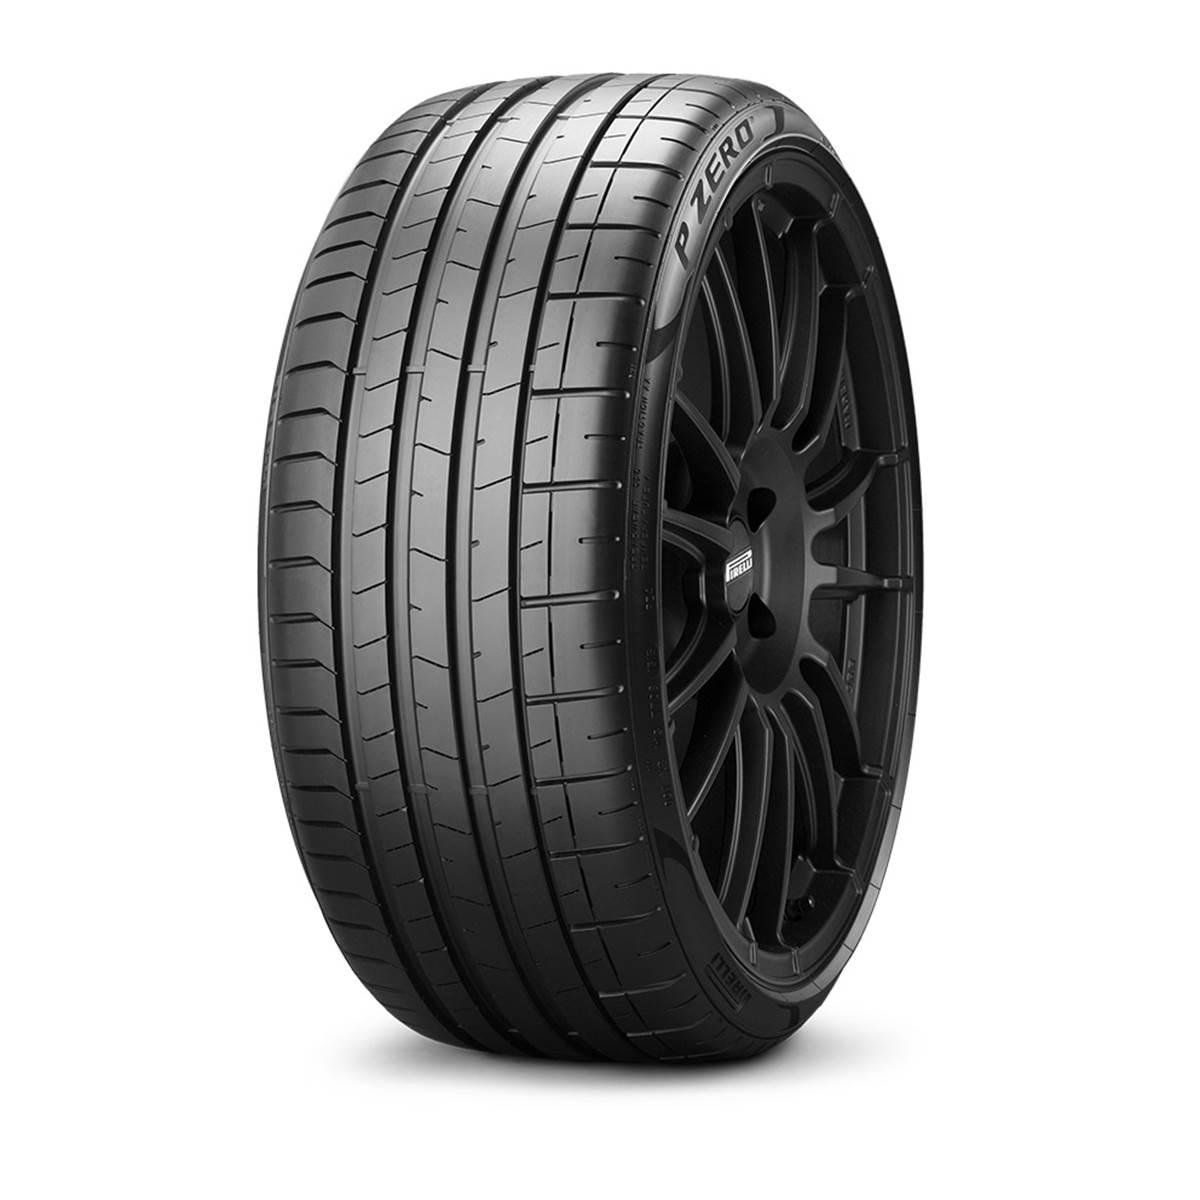 Pneu Pirelli 265/35R18 97Y Pzero XL